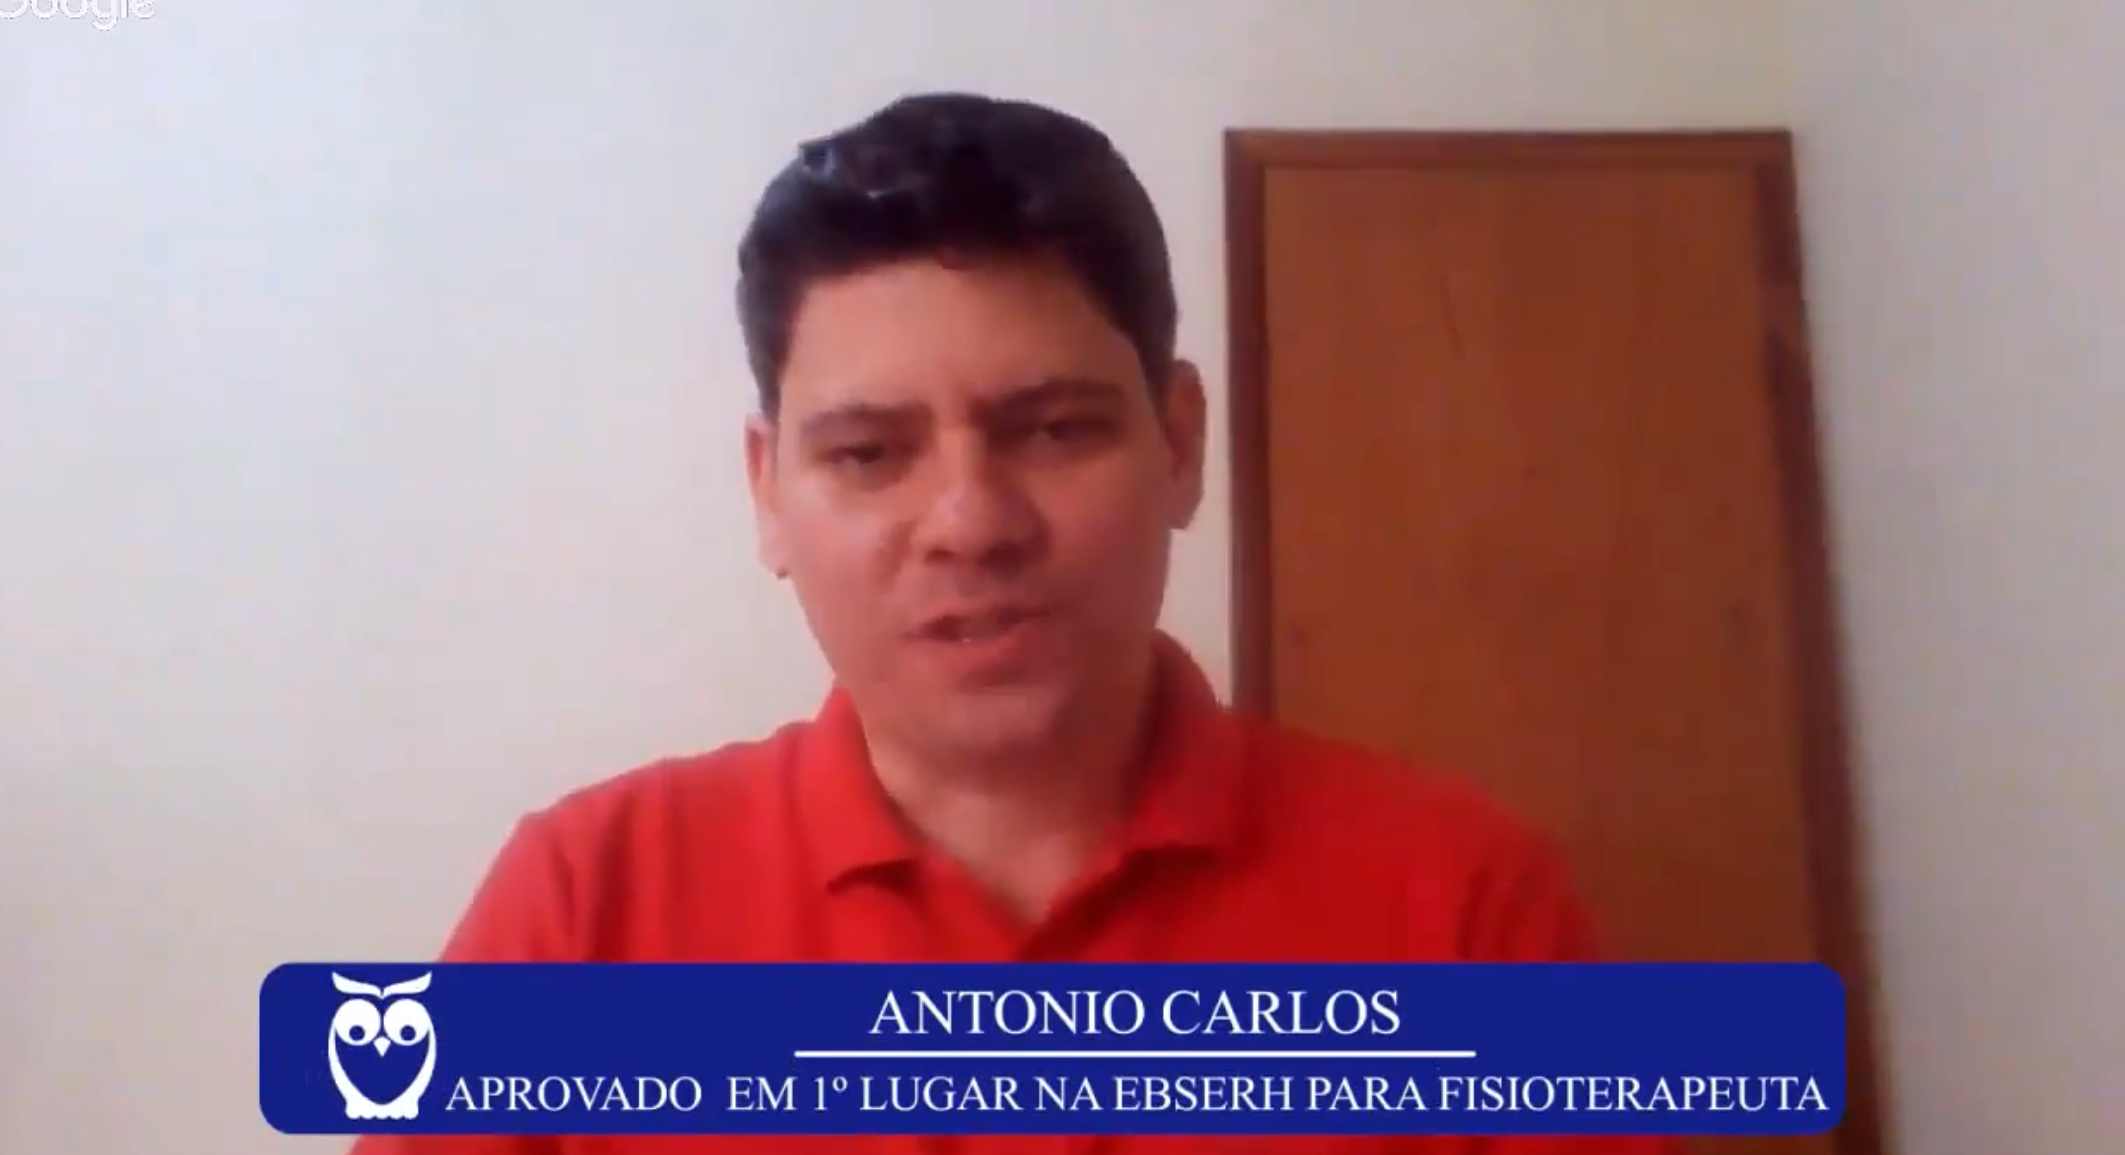 ENTREVISTA EM VÍDEO: Antônio Carlos - Aprovado em 1º lugar no concurso EBSERH no cargo de Fisioterapeuta (Região 9)